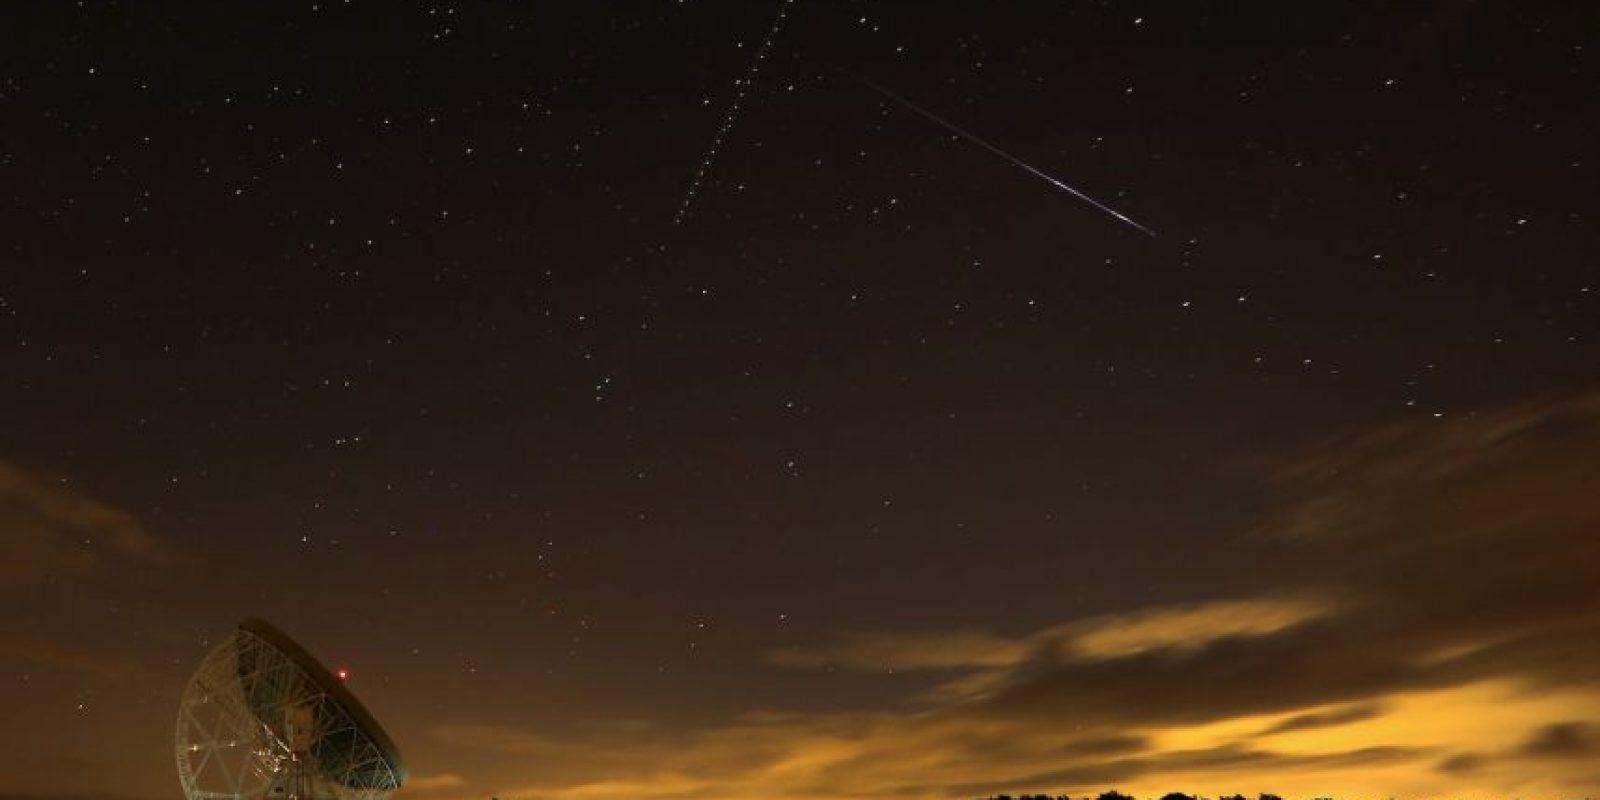 Lluvia de meteoritos registrada el 13 de agosto en Holmes Chapel, Reino Unido Foto:Getty Images